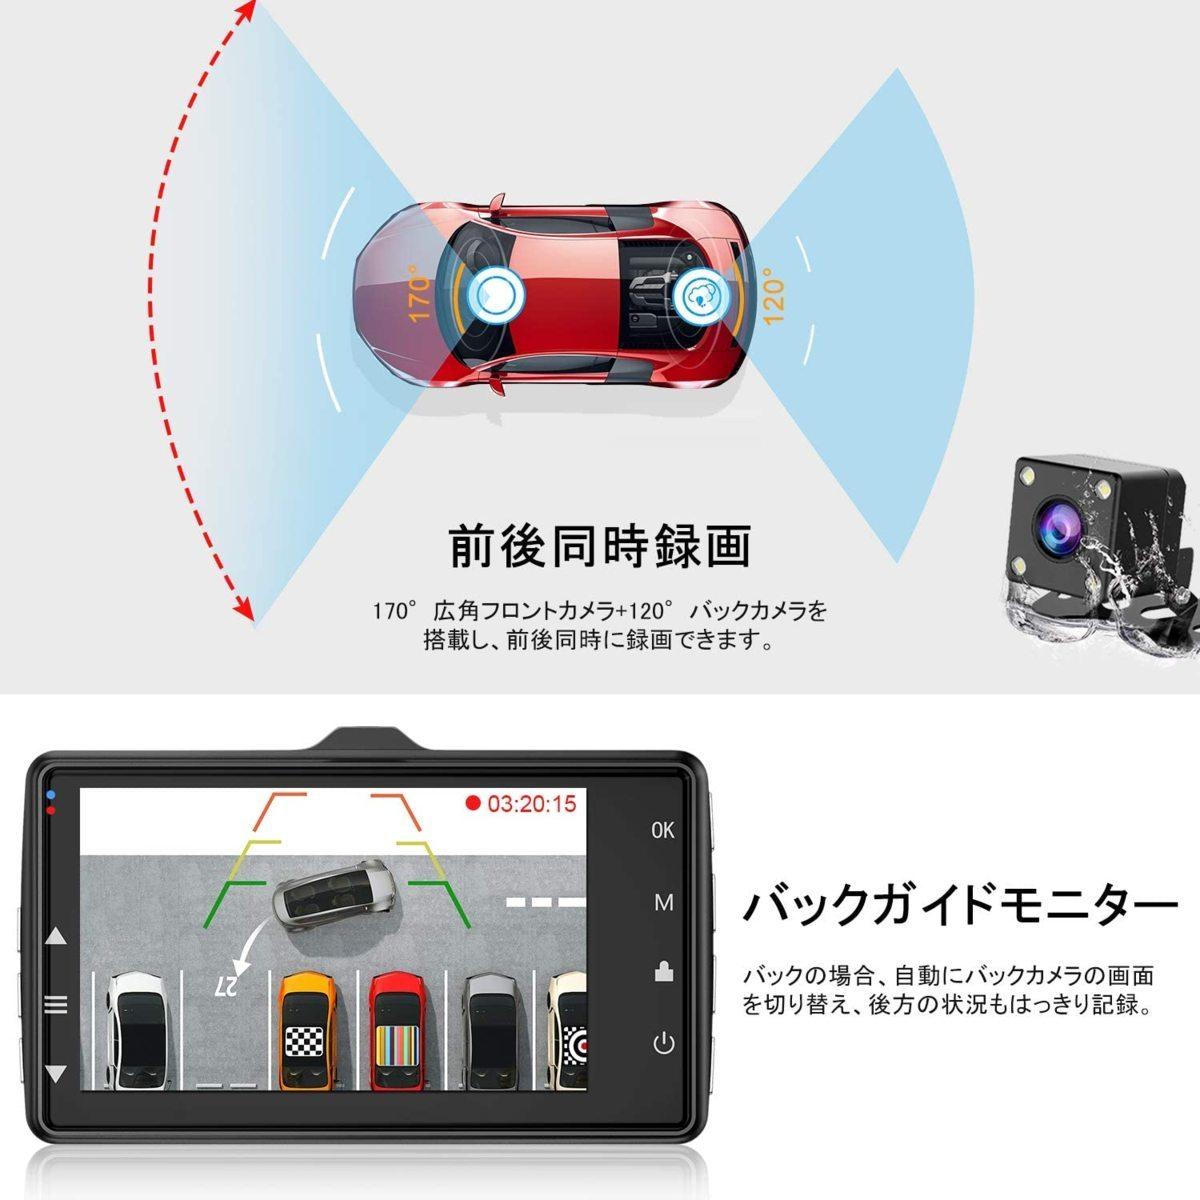 ■新品■ドライブレコーダー 【GPS搭載&前後カメラ】フルHD高画質 170度広角視野 駐車監視 衝撃録画 常時録画 Gセンサー 時速表示_画像2